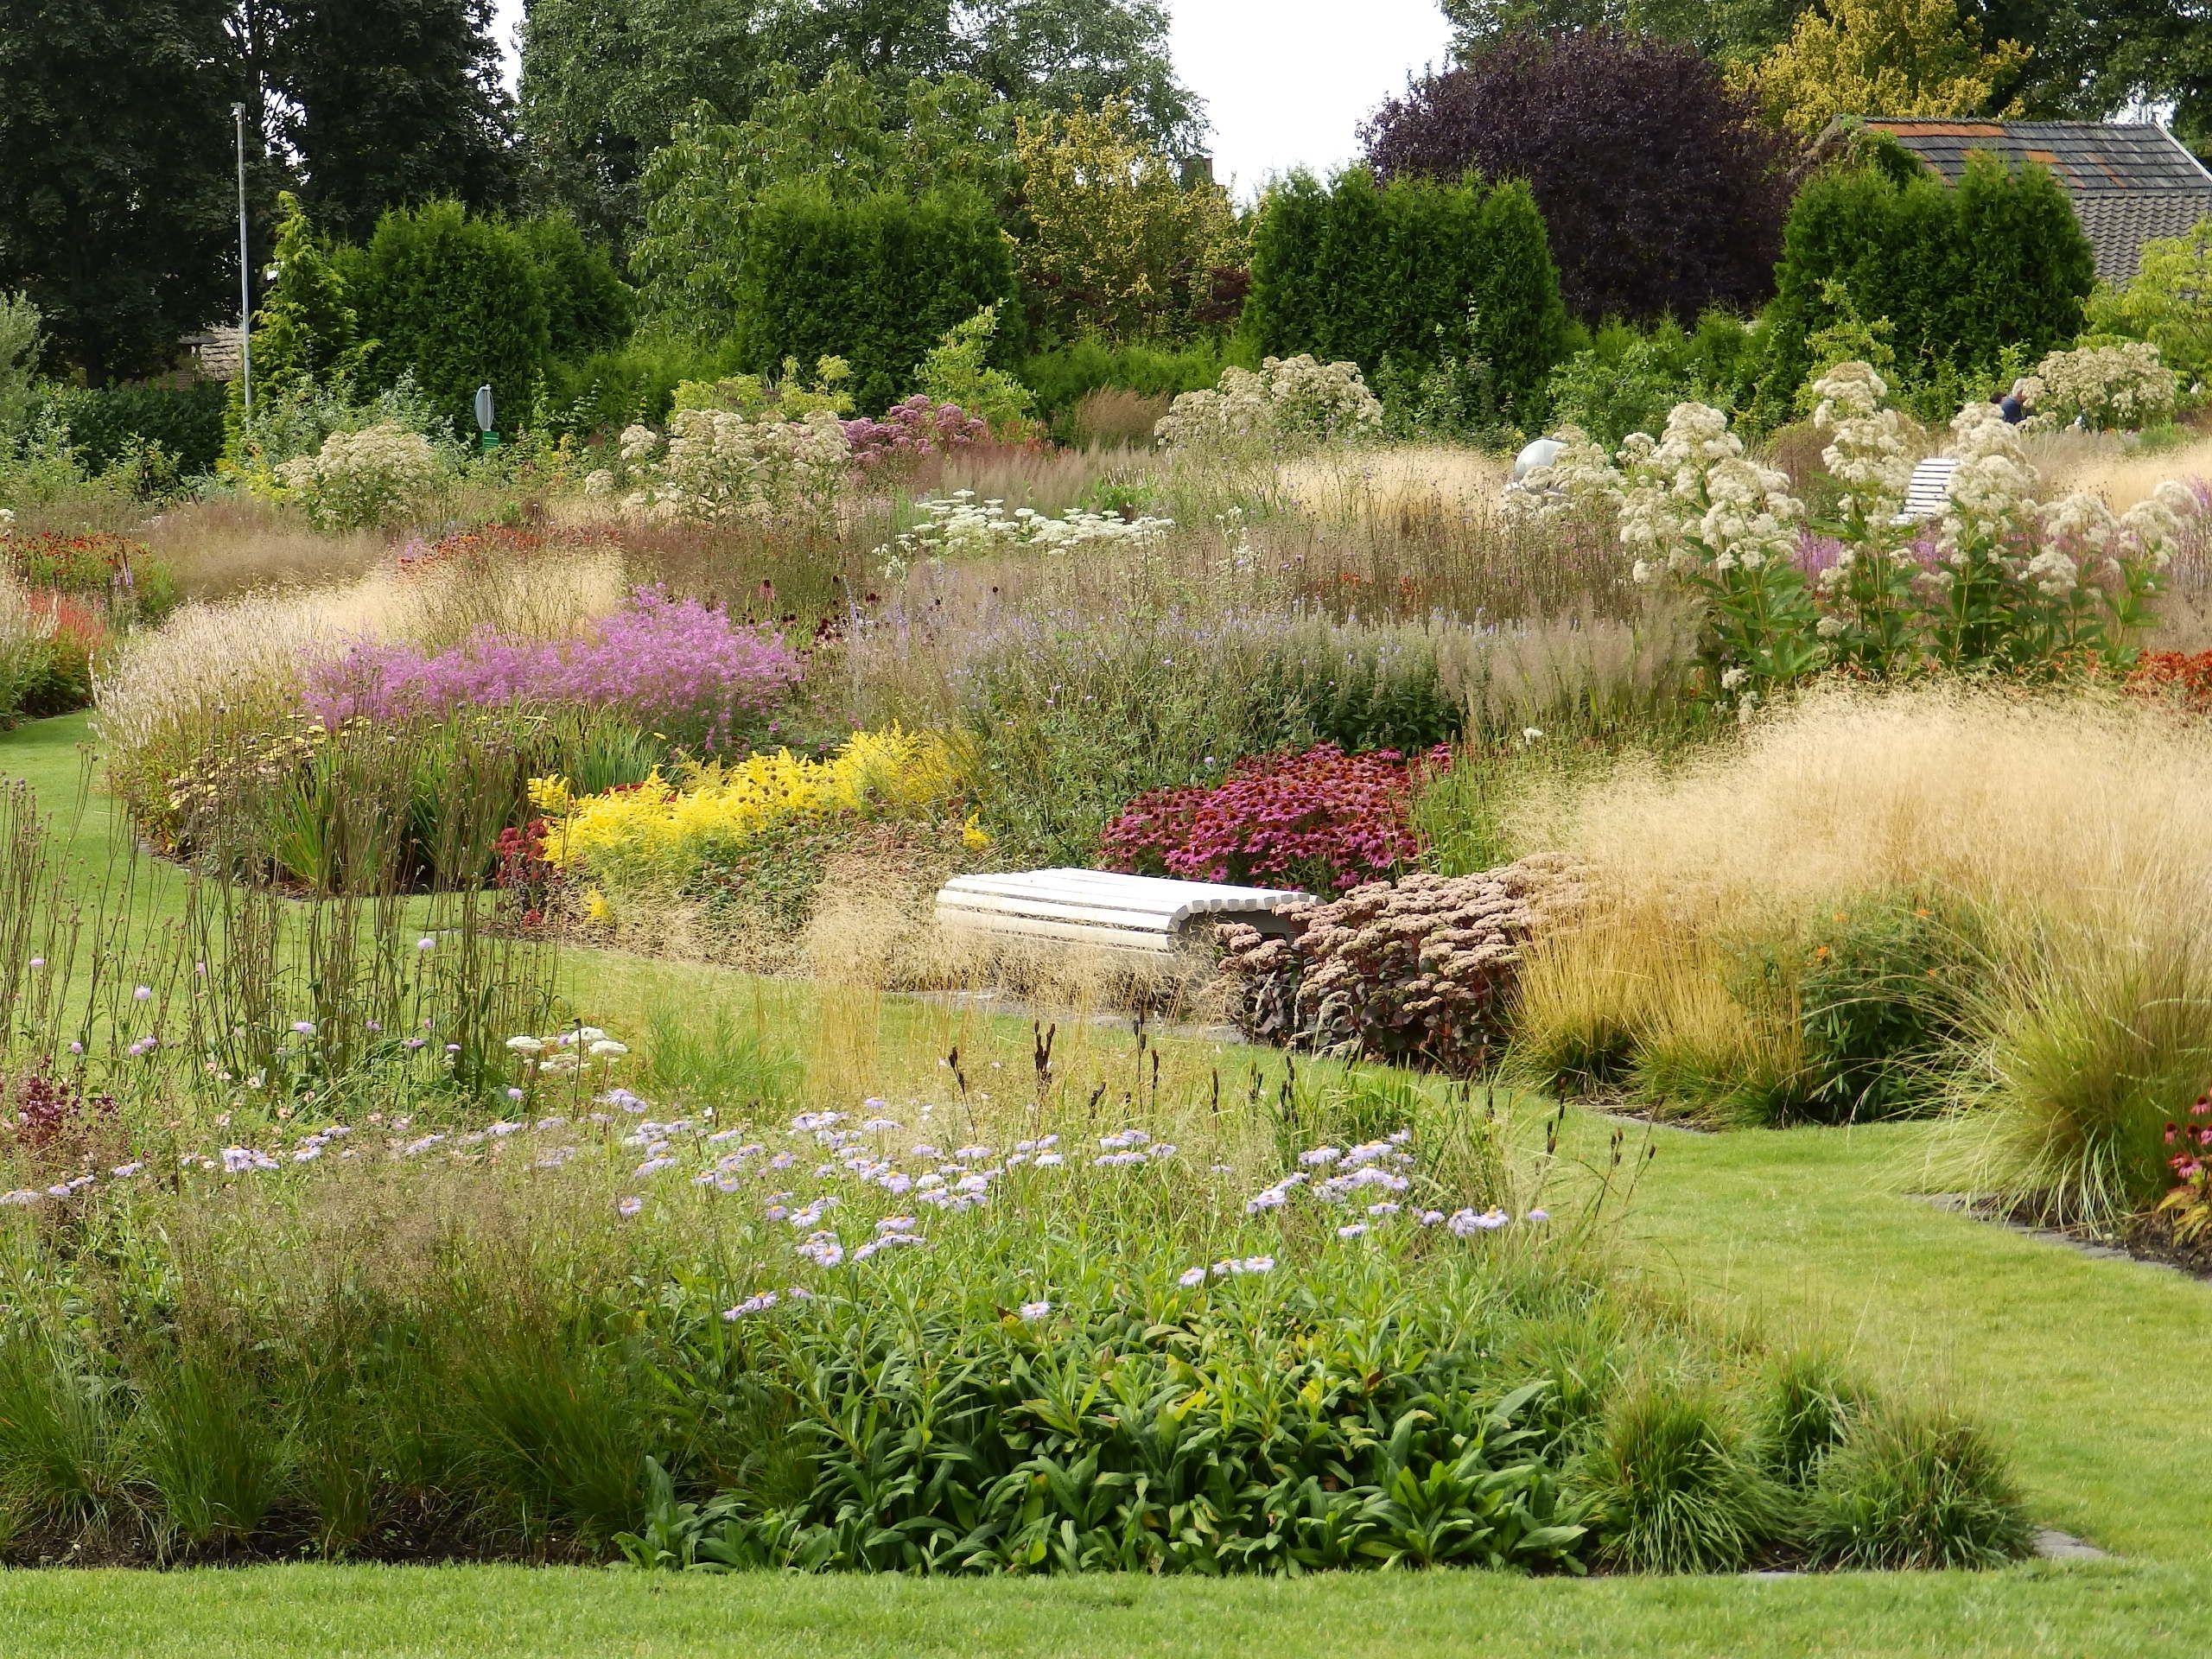 Vlinderhof maximapark ontwerper piet oudolf garden for Piet oudolf pflanzplan